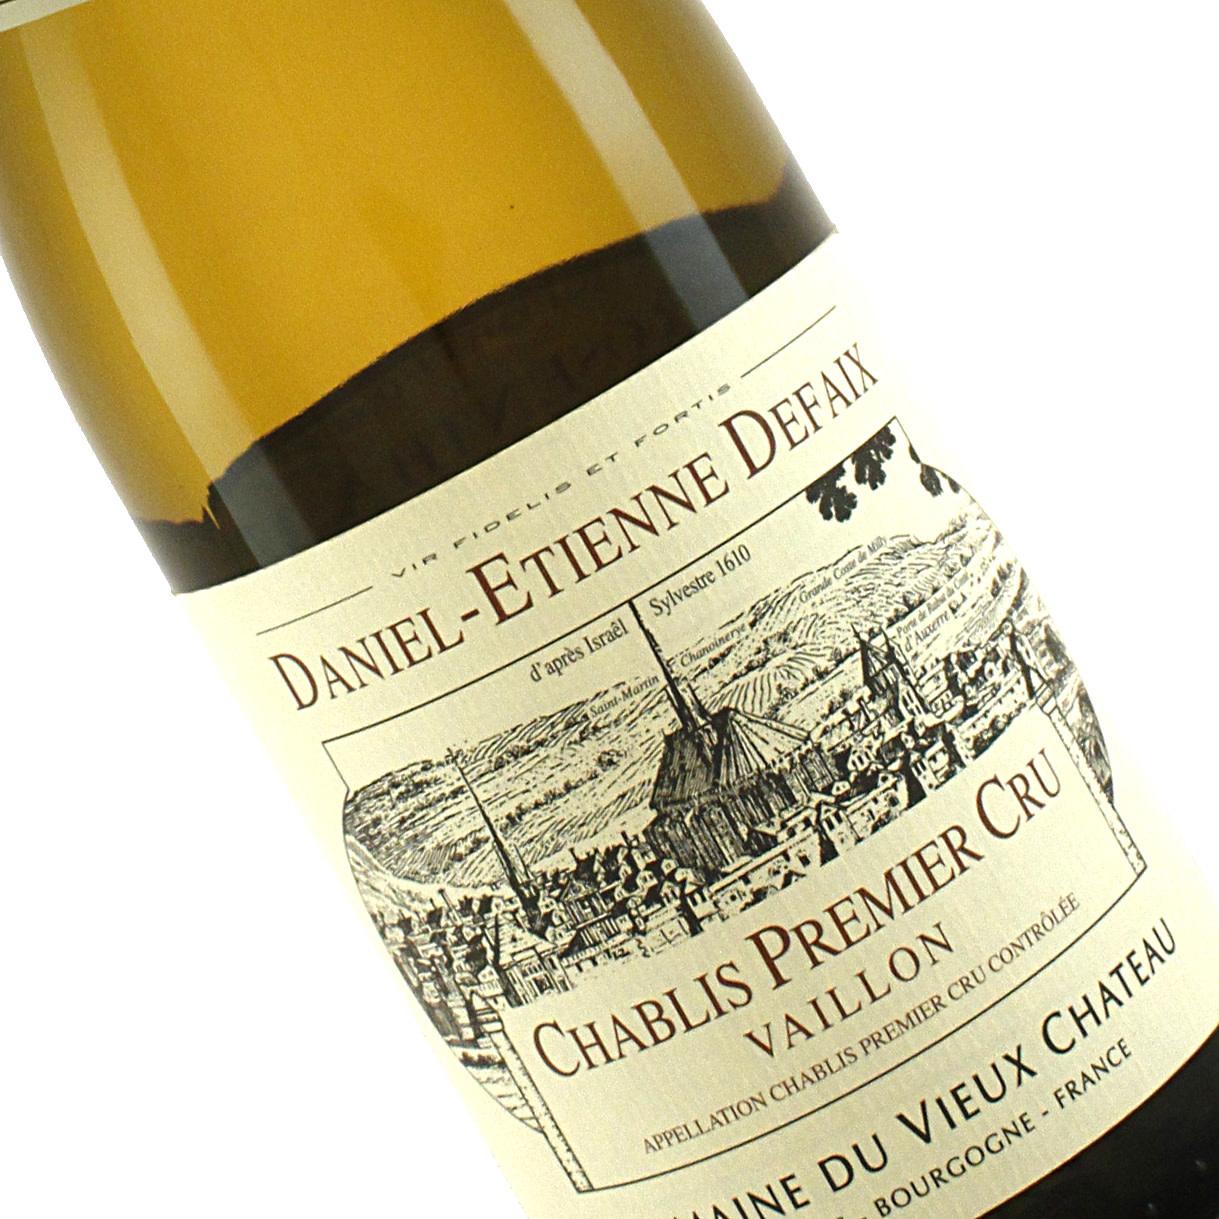 """Daniel-Etienne Defaix 2006 Chablis Premier Cru """"Vaillon"""", Burgundy"""